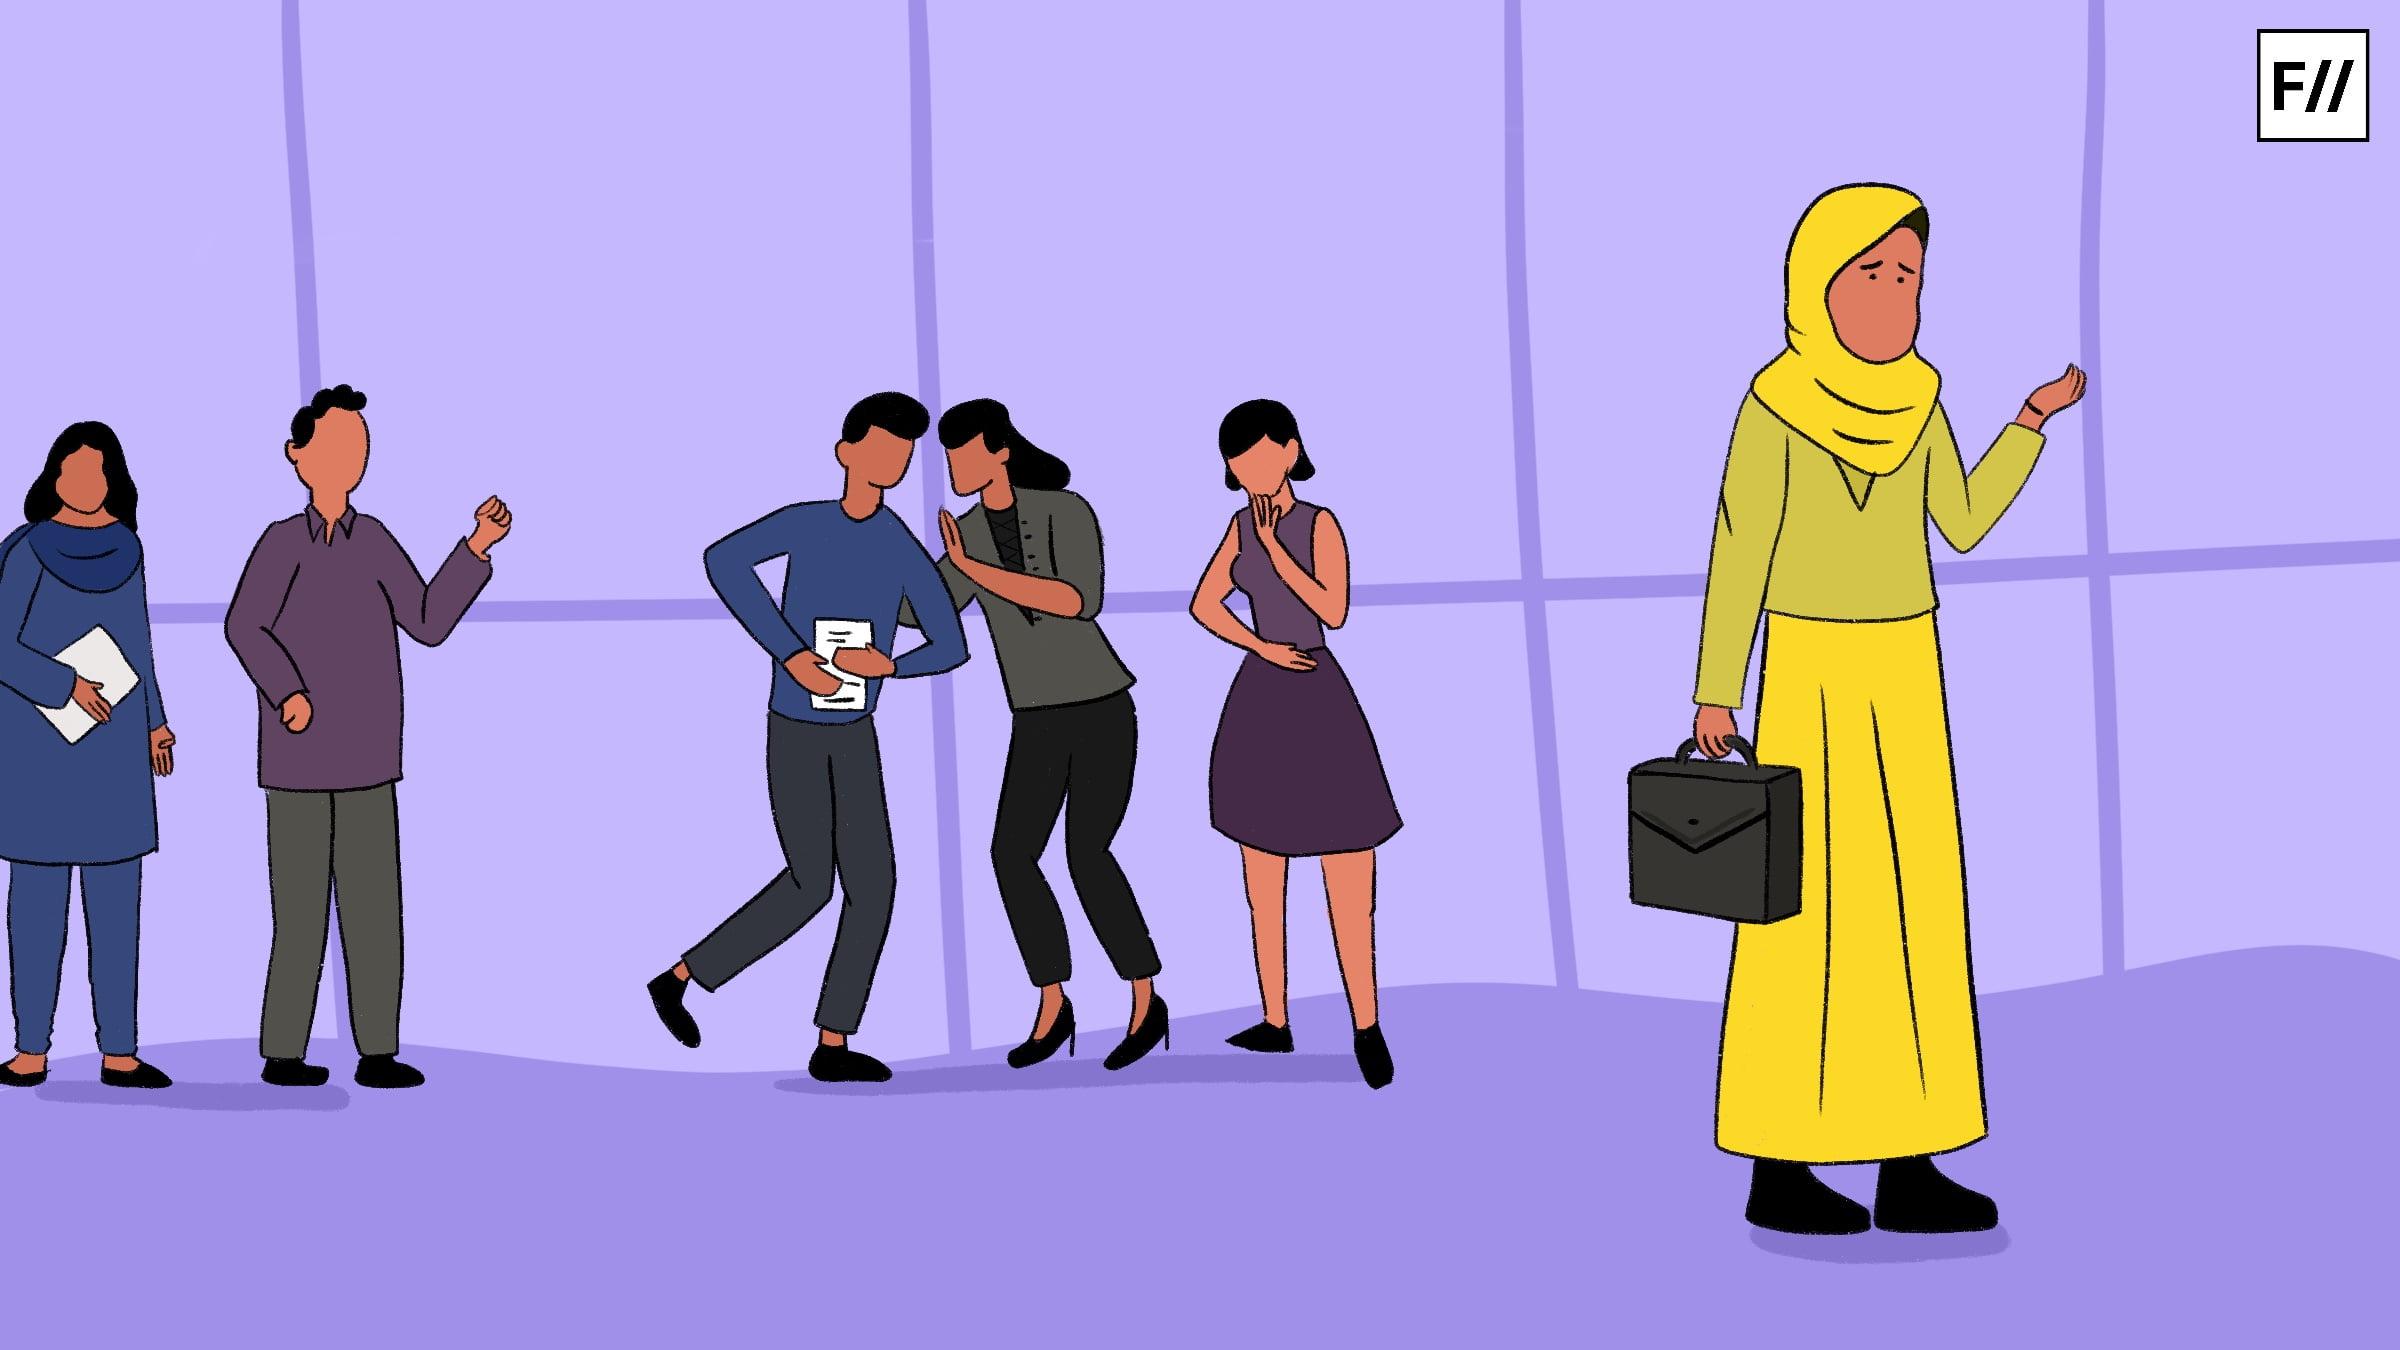 धर्म के आधार पर भेदभाव और पूर्वाग्रह, कार्यस्थल पर मुसलमान कर्मचारियों की आपबीती